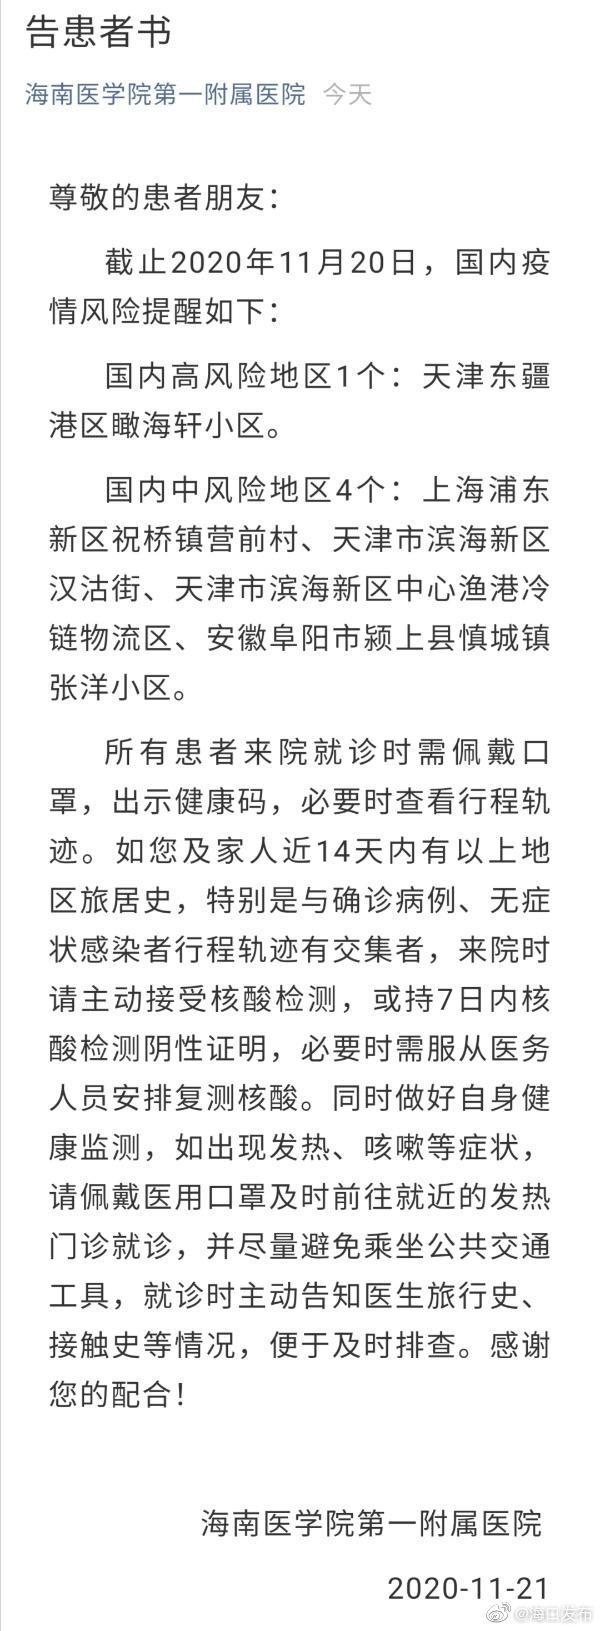 海南两家医院发布公告:这些人需接受核酸检测!图片